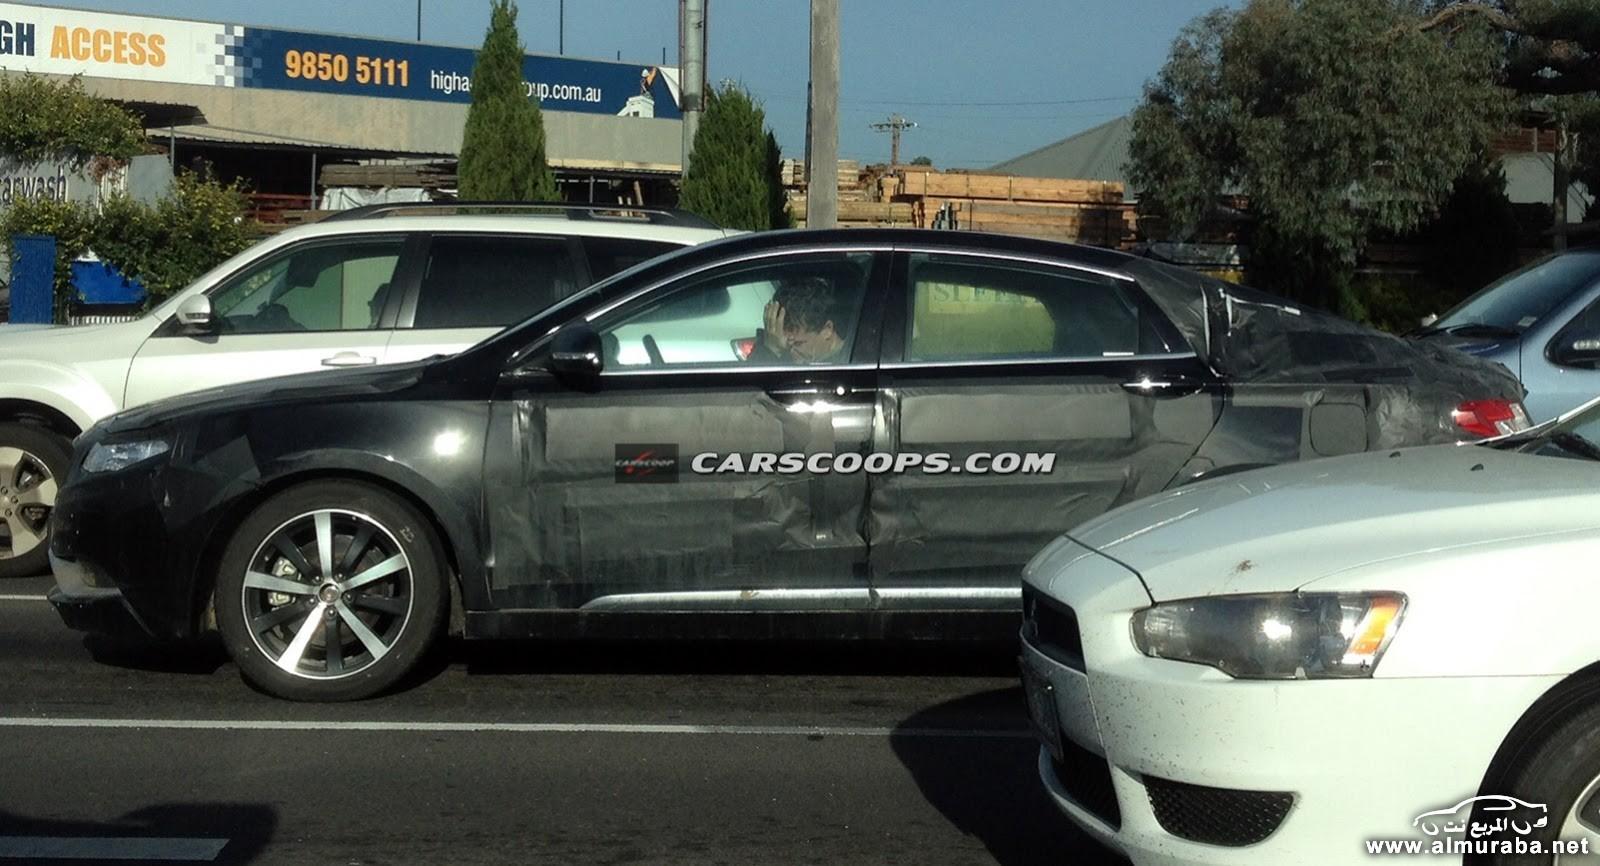 """""""صور تجسسية"""" تلتقط سيارة سيدان جديدة مموهه في استراليا ولكن من هي؟"""